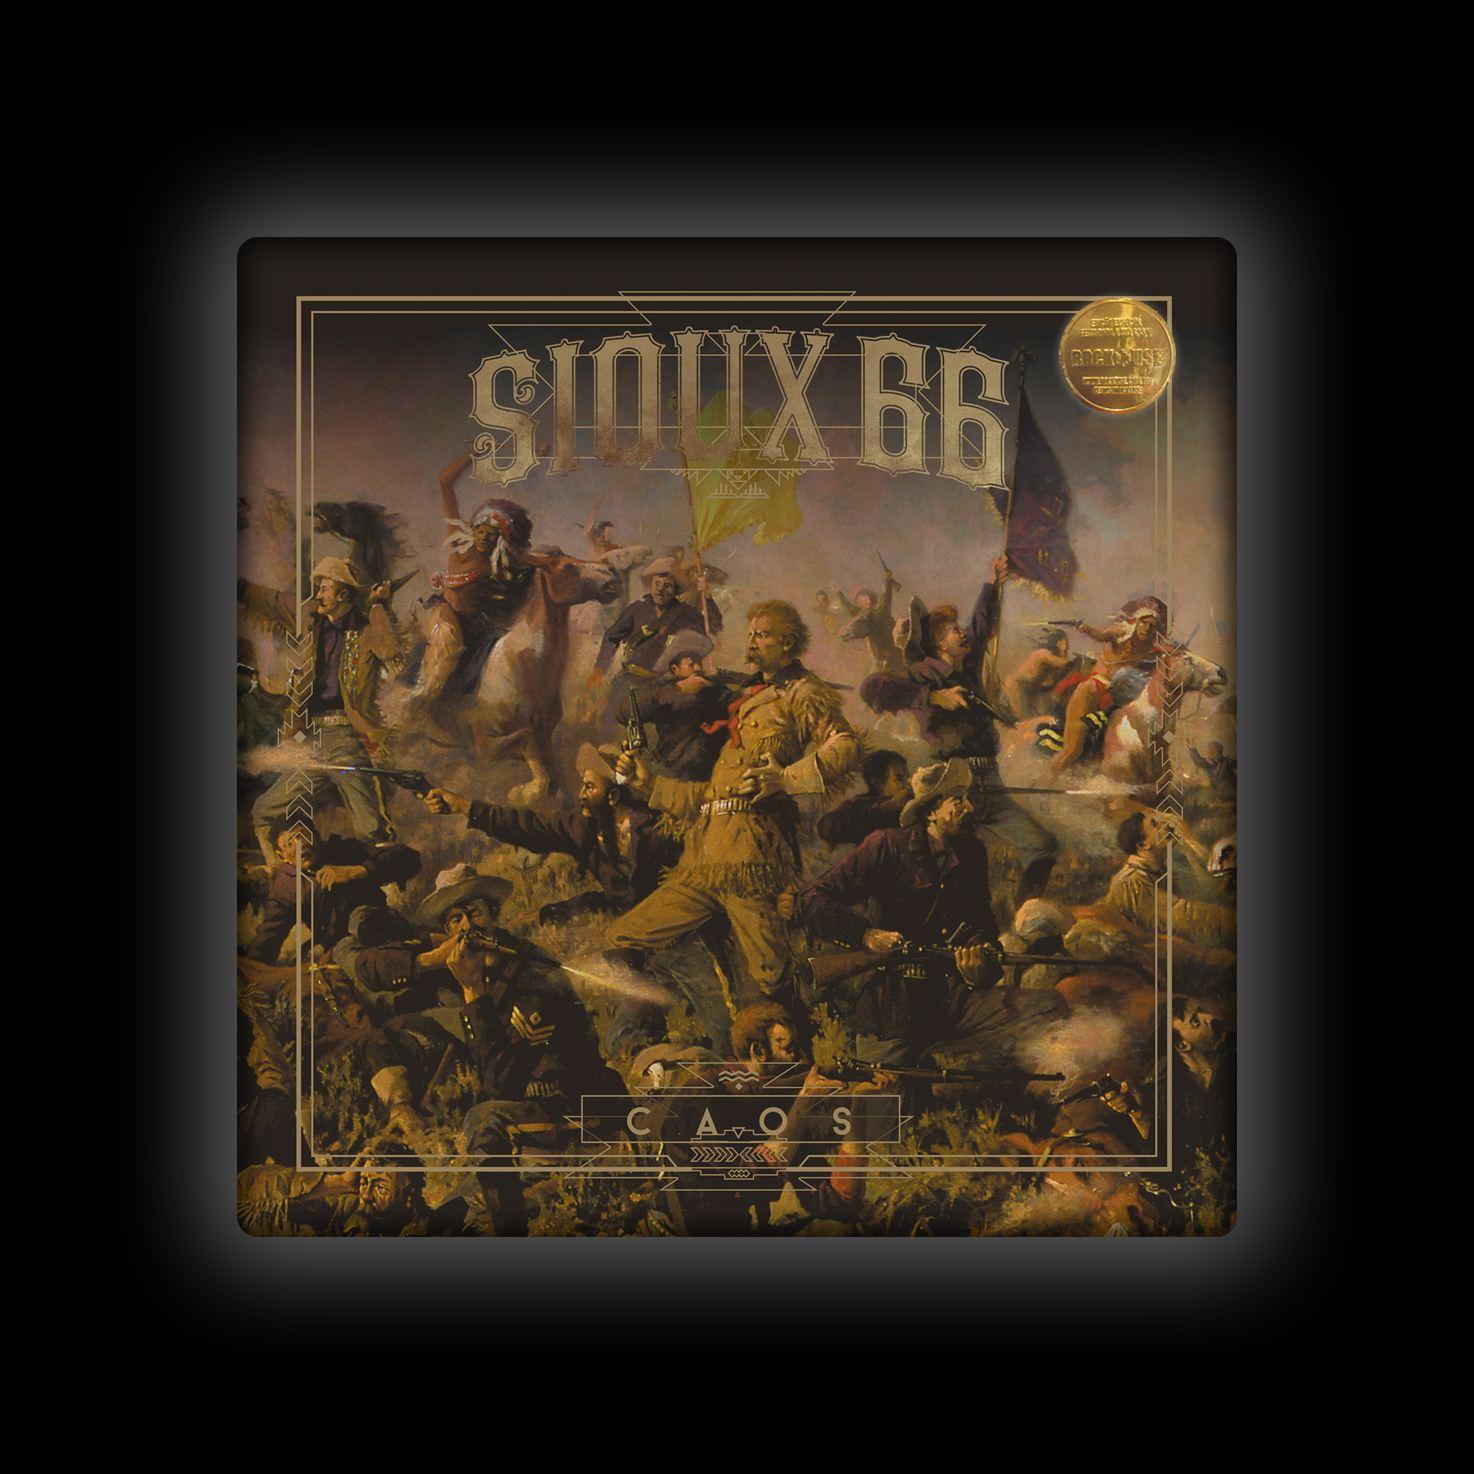 Capa de Almofada Sioux 66 - Caos